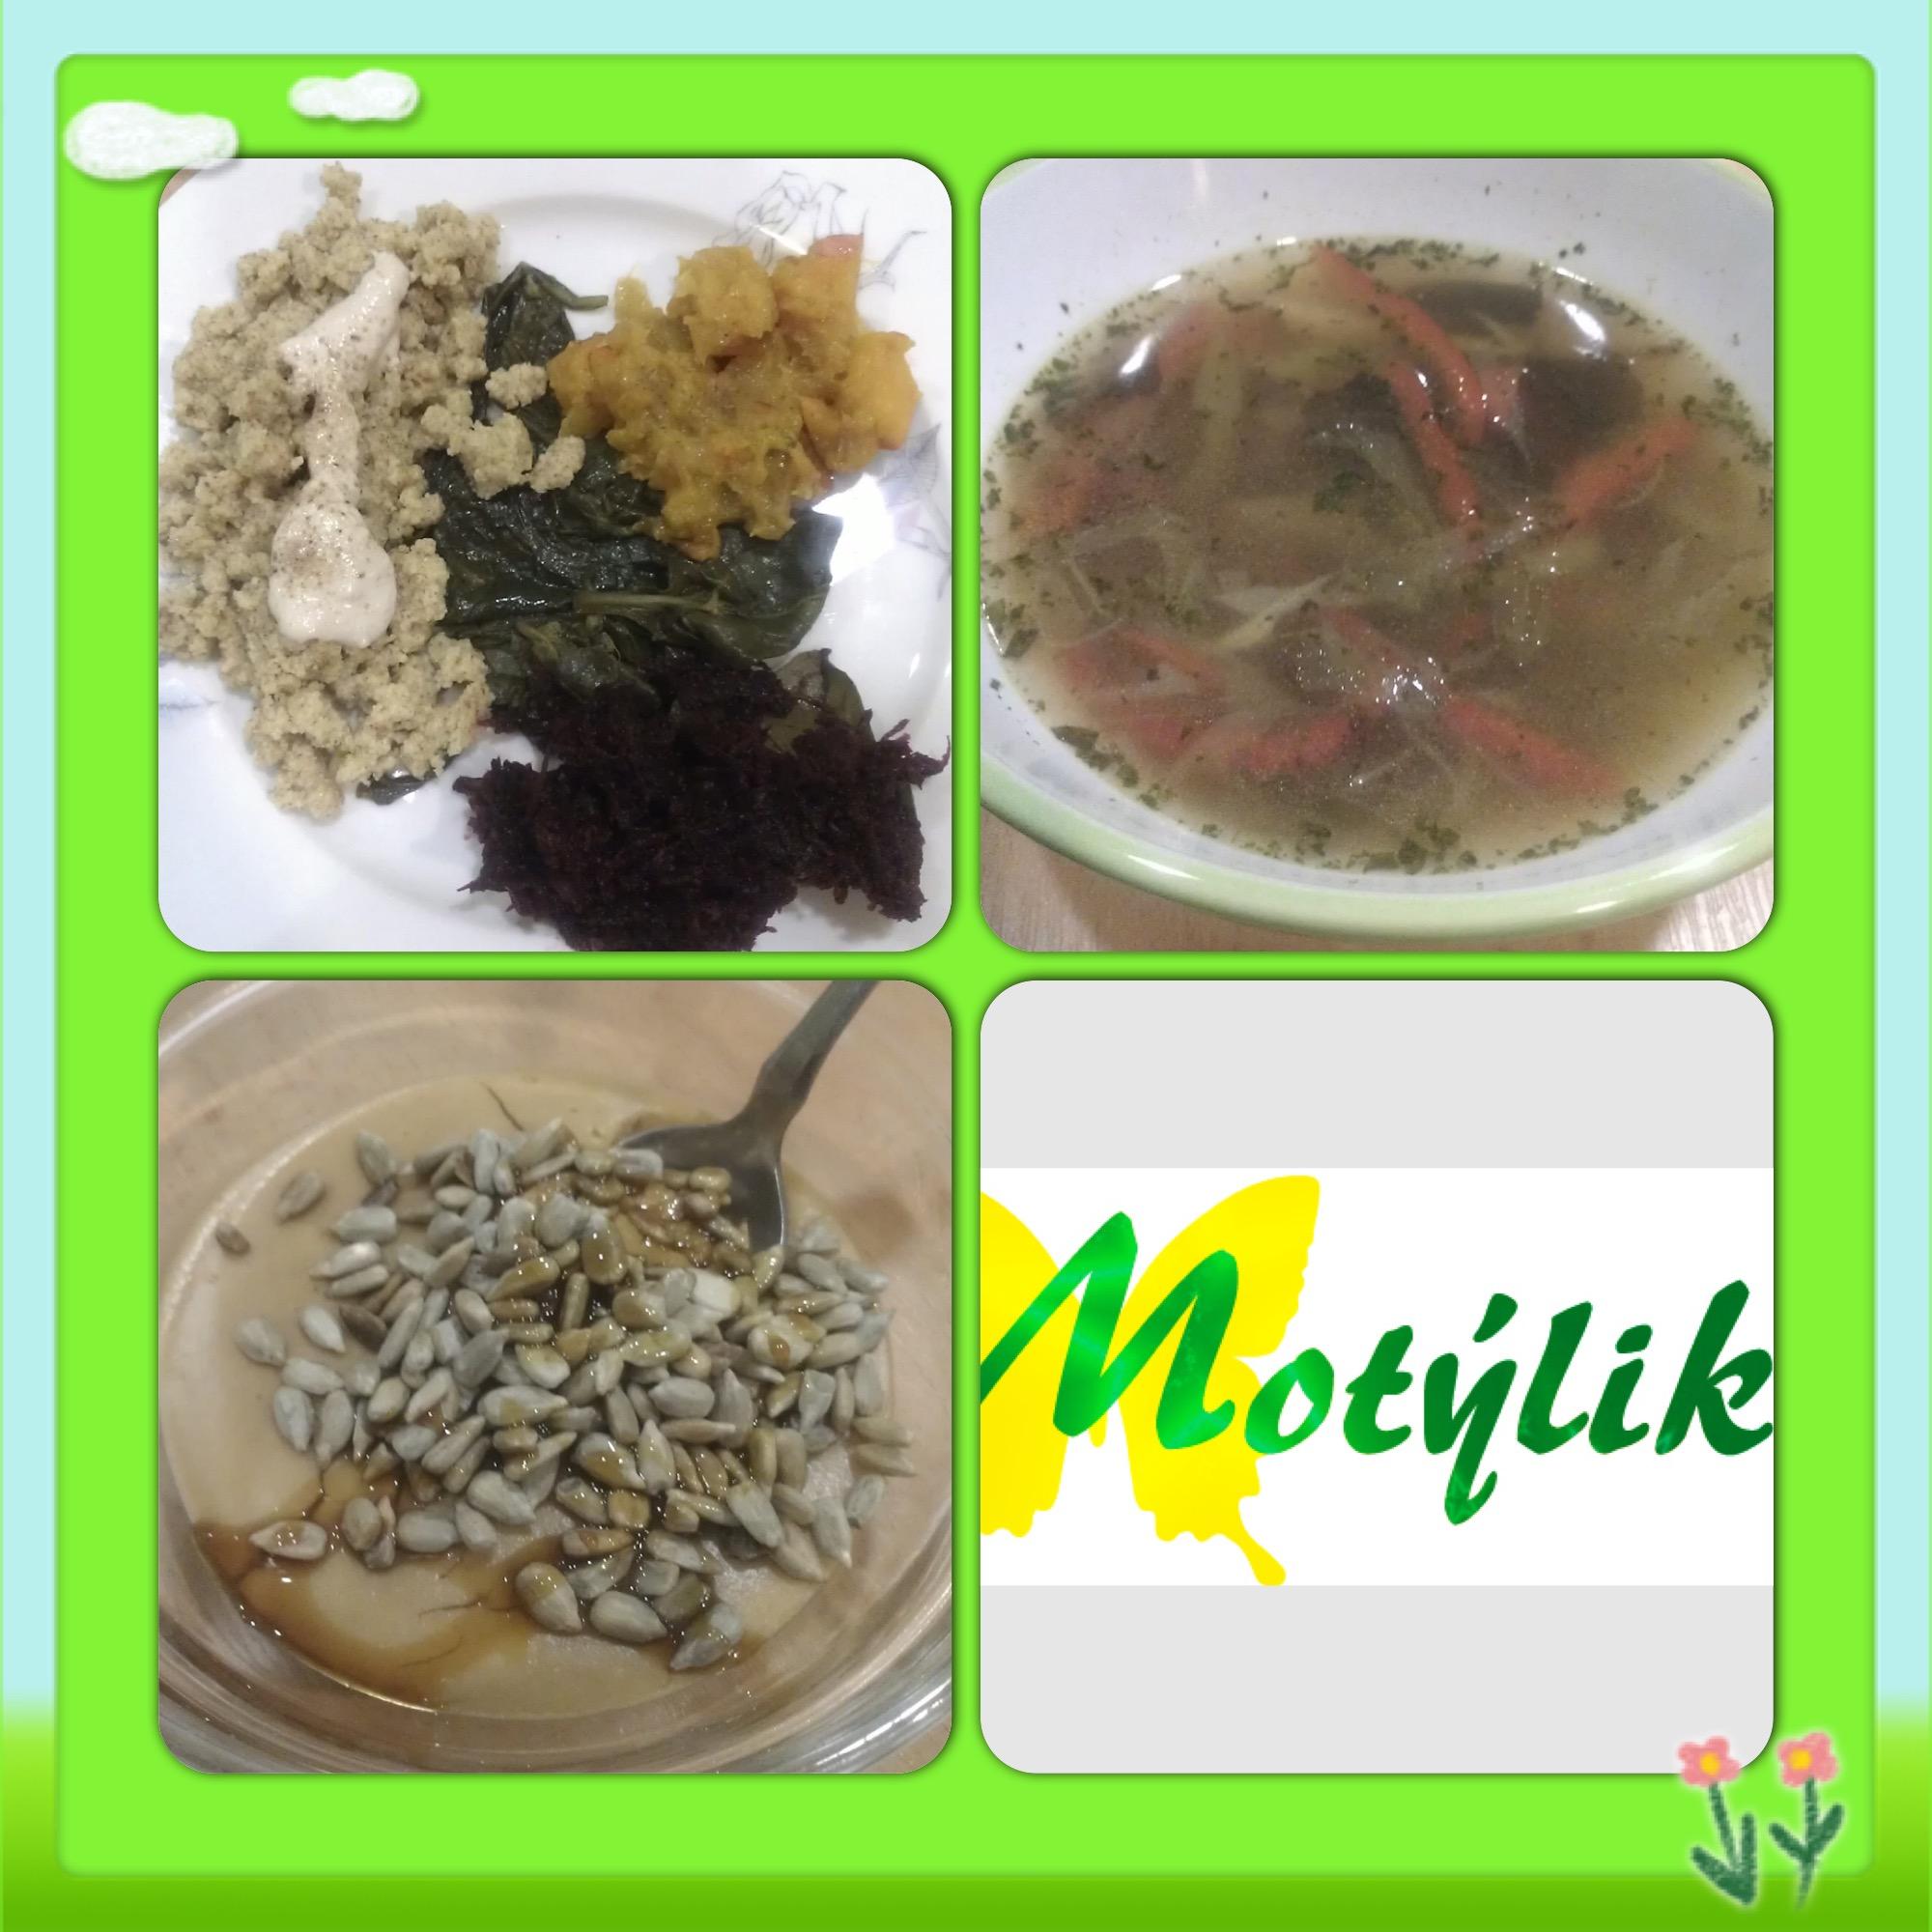 Ženské zdravie - Recepty - Potraviny Motýlik